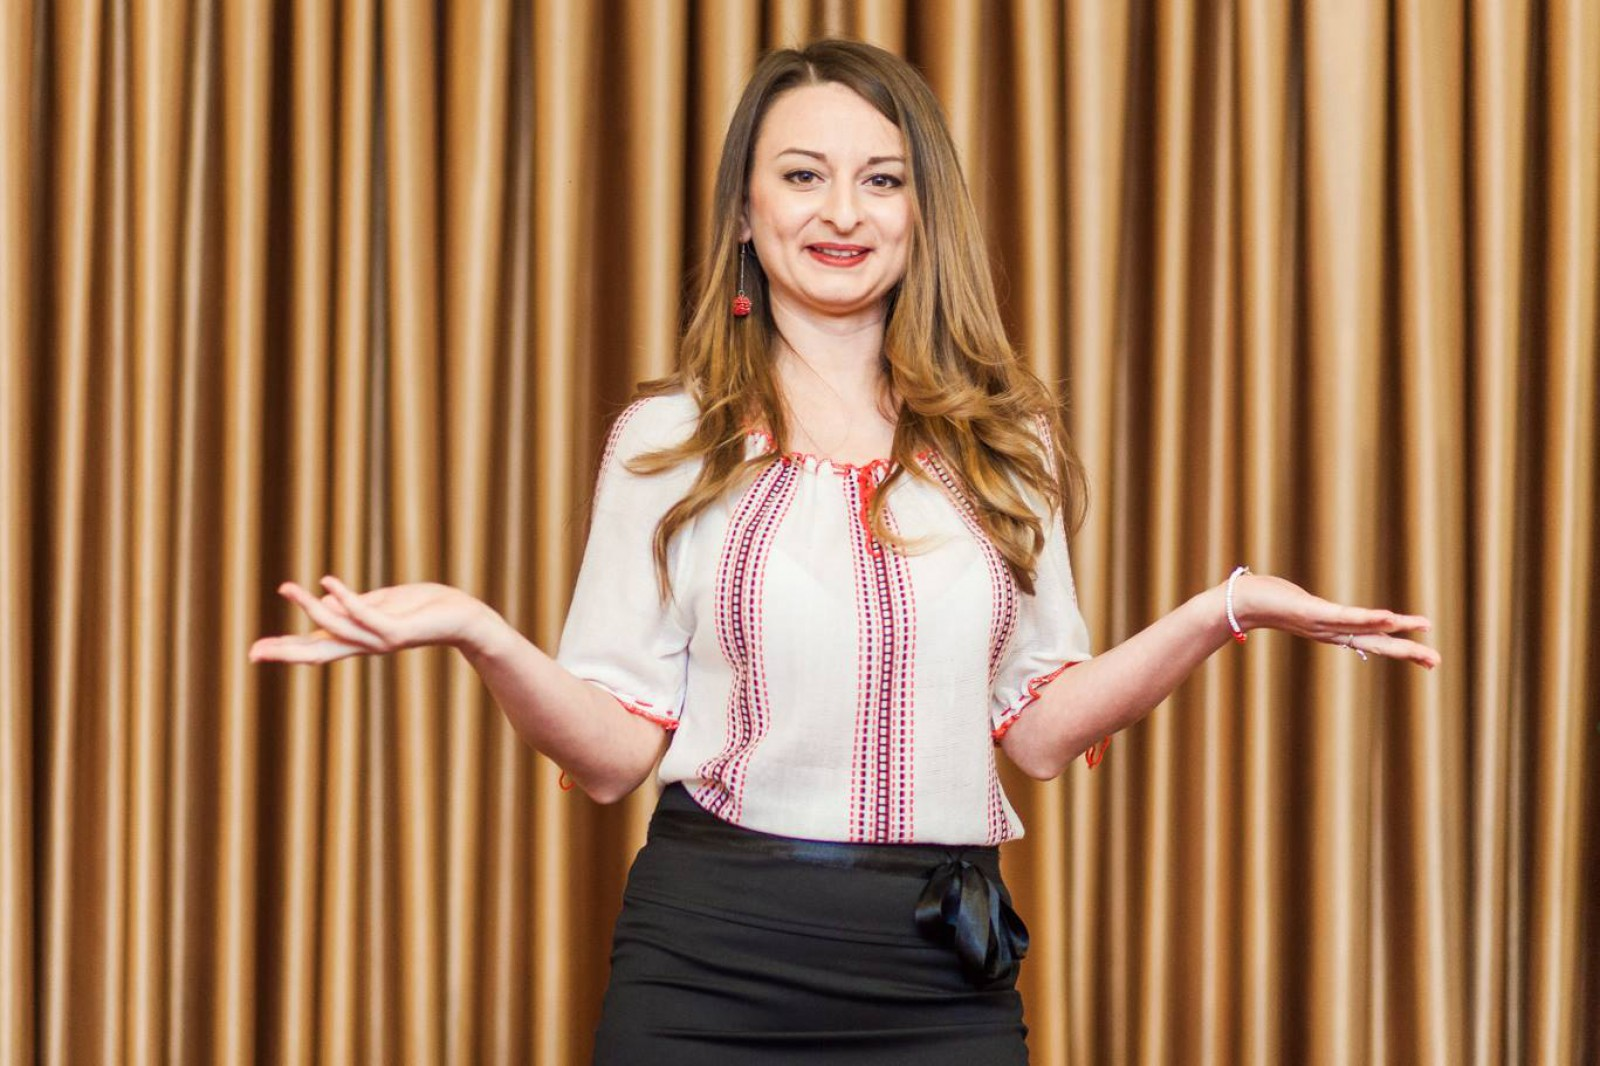 Arta de a vorbi în public între provocare și performanță. Interviu cu Margarita Ursu – expert Toastmasters